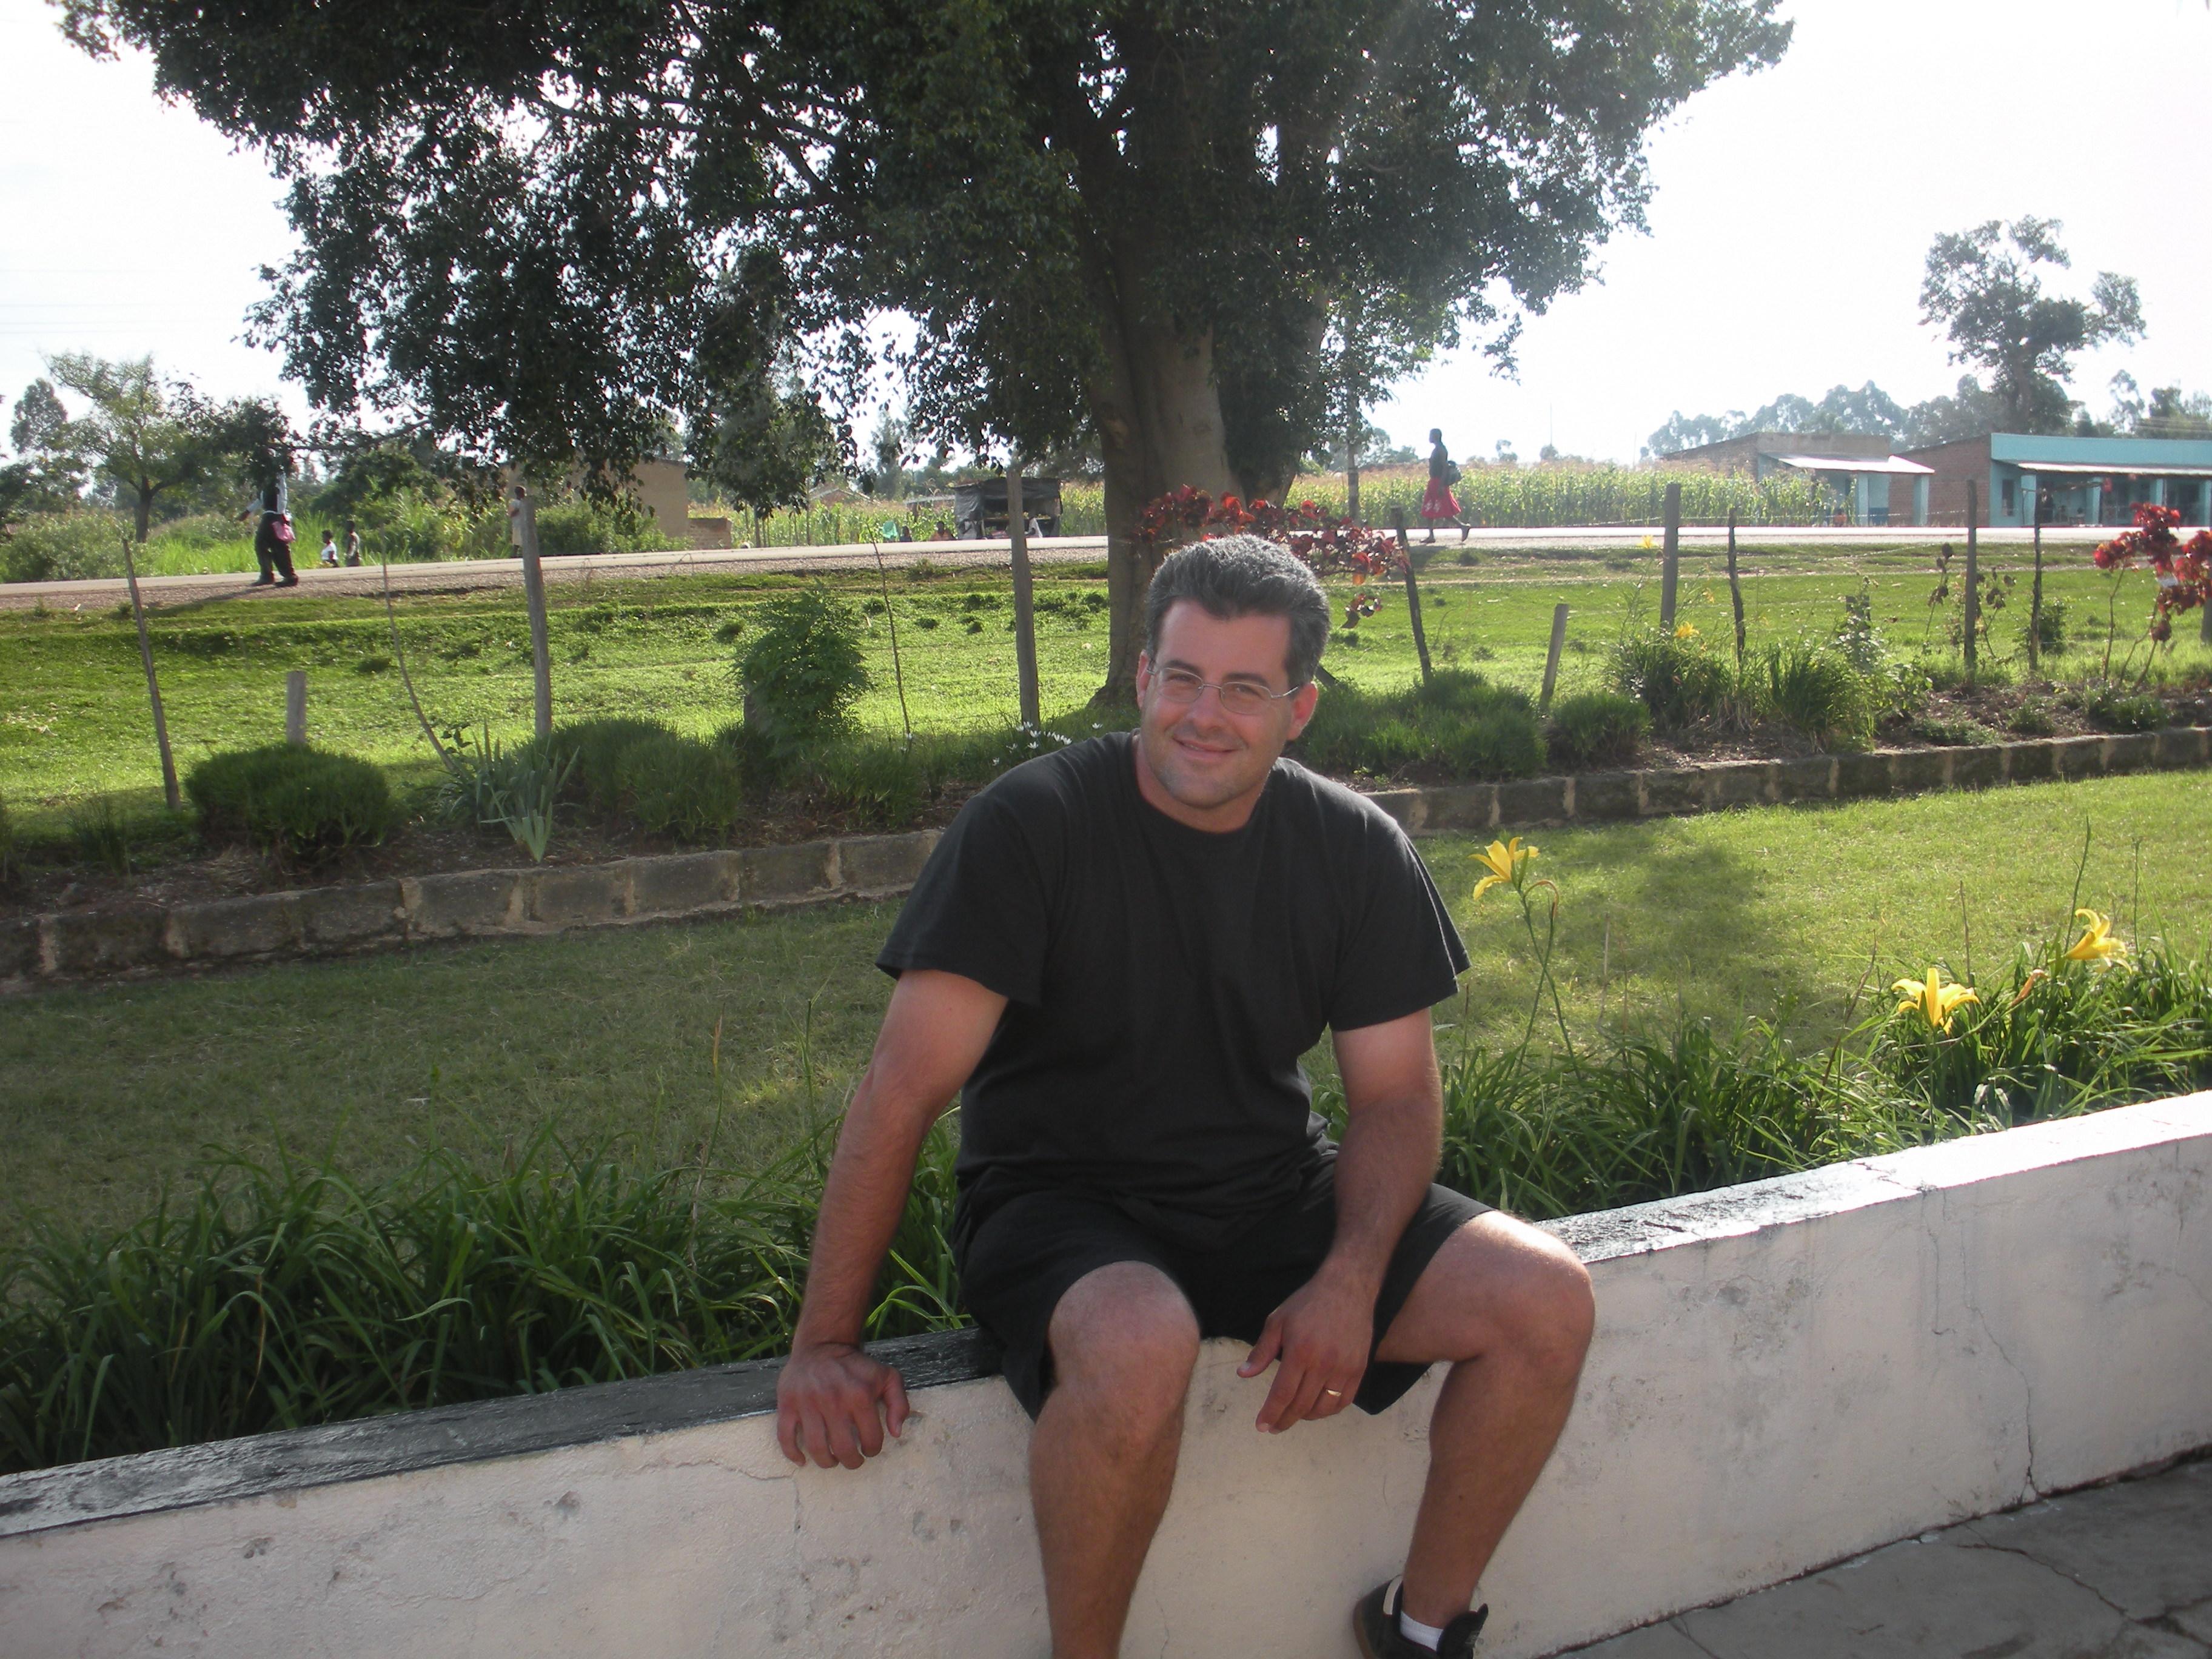 Pastor Kevin Goos